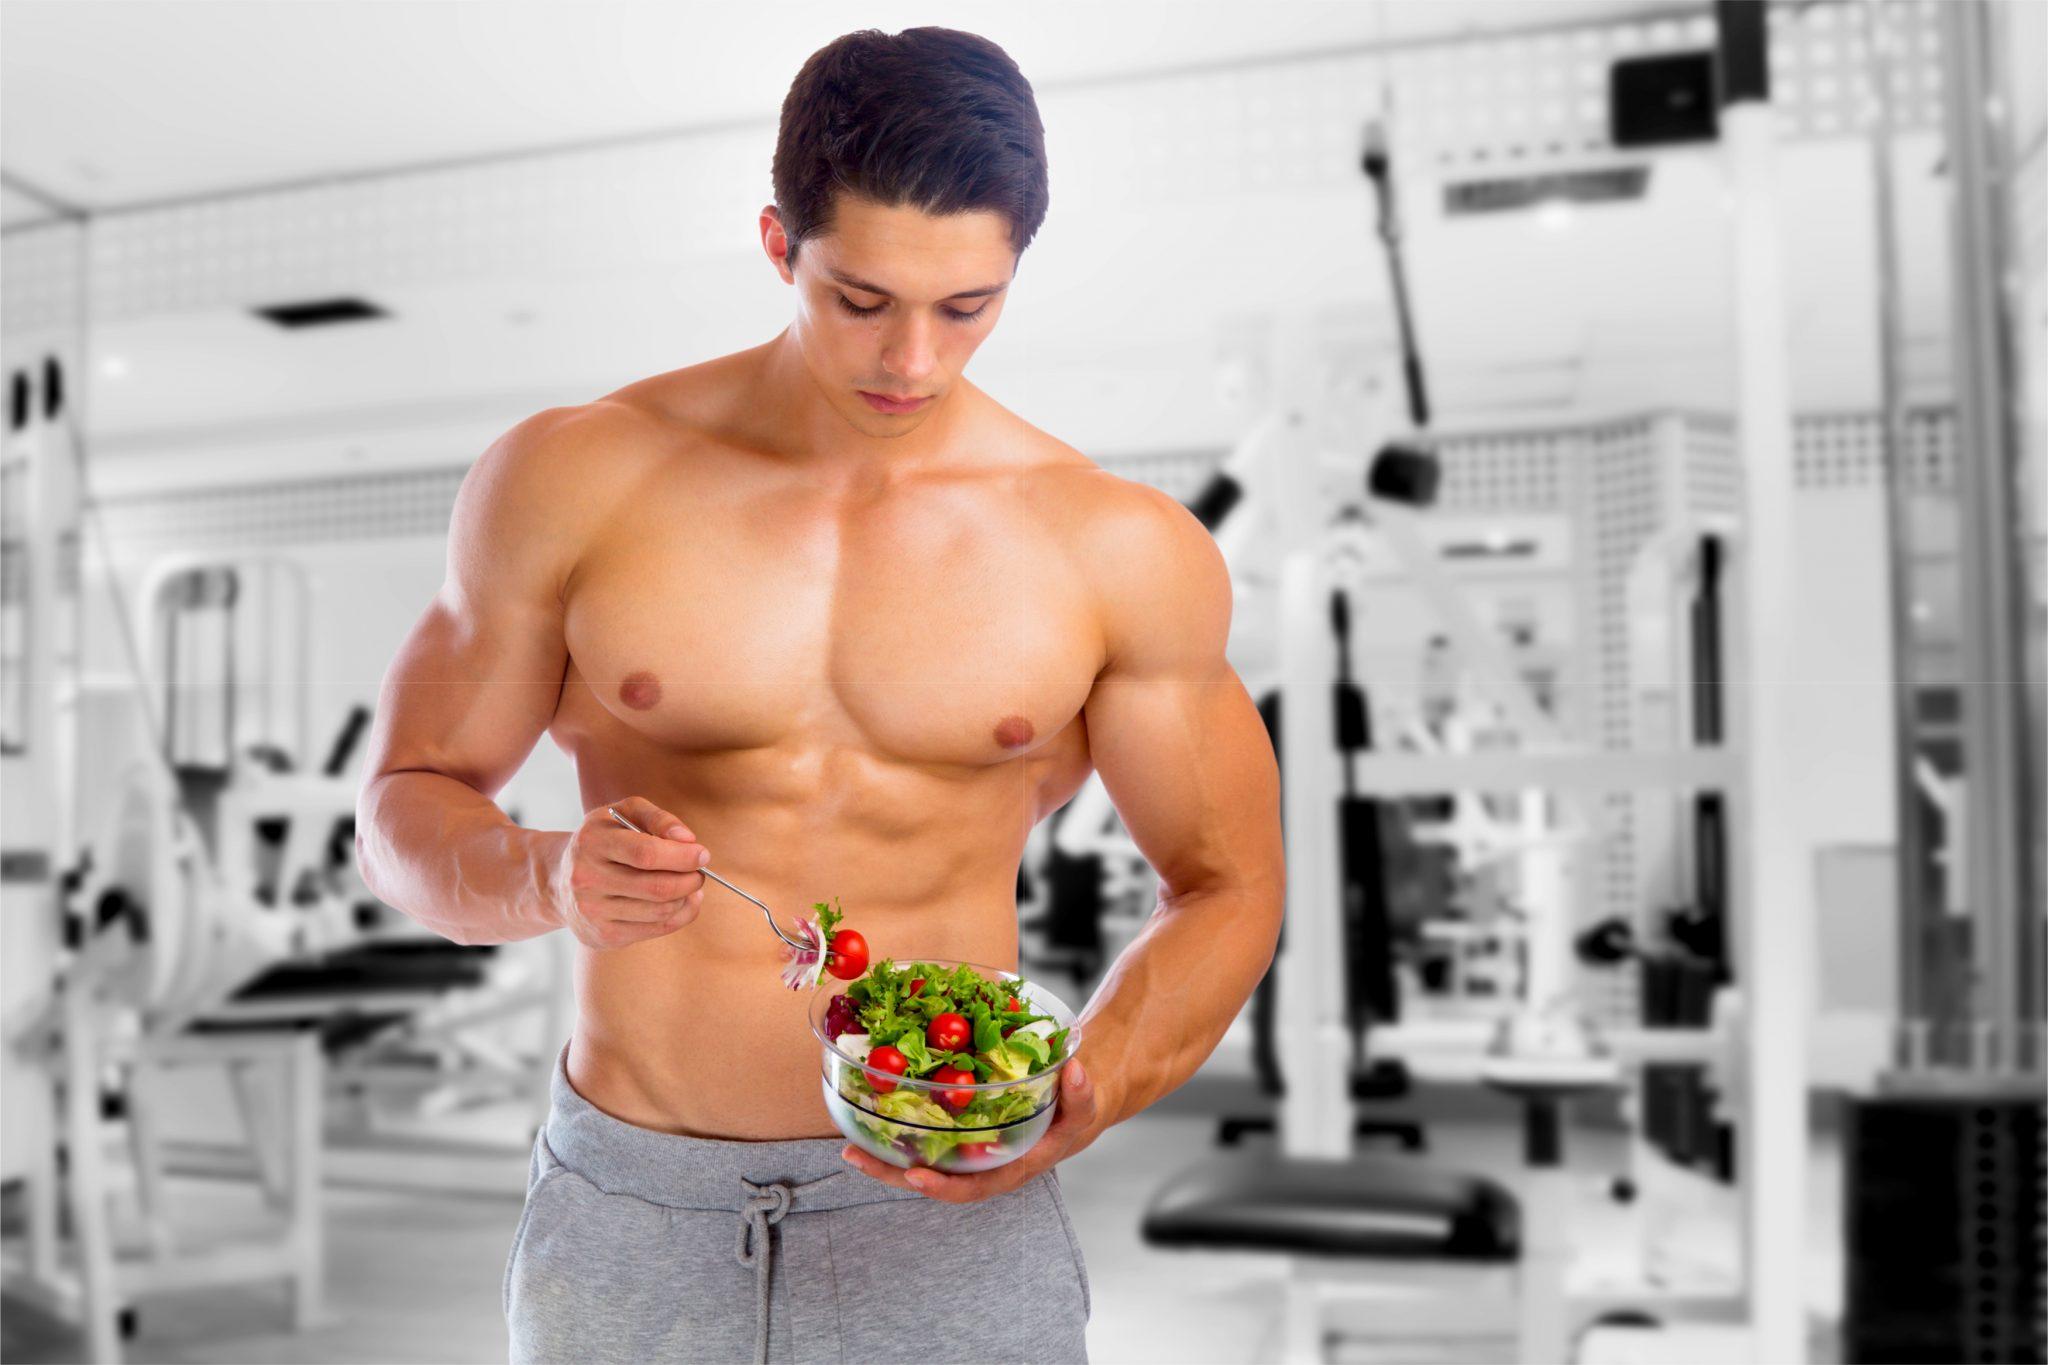 ジムで筋トレ後にサラダを食べているマッチョな男性